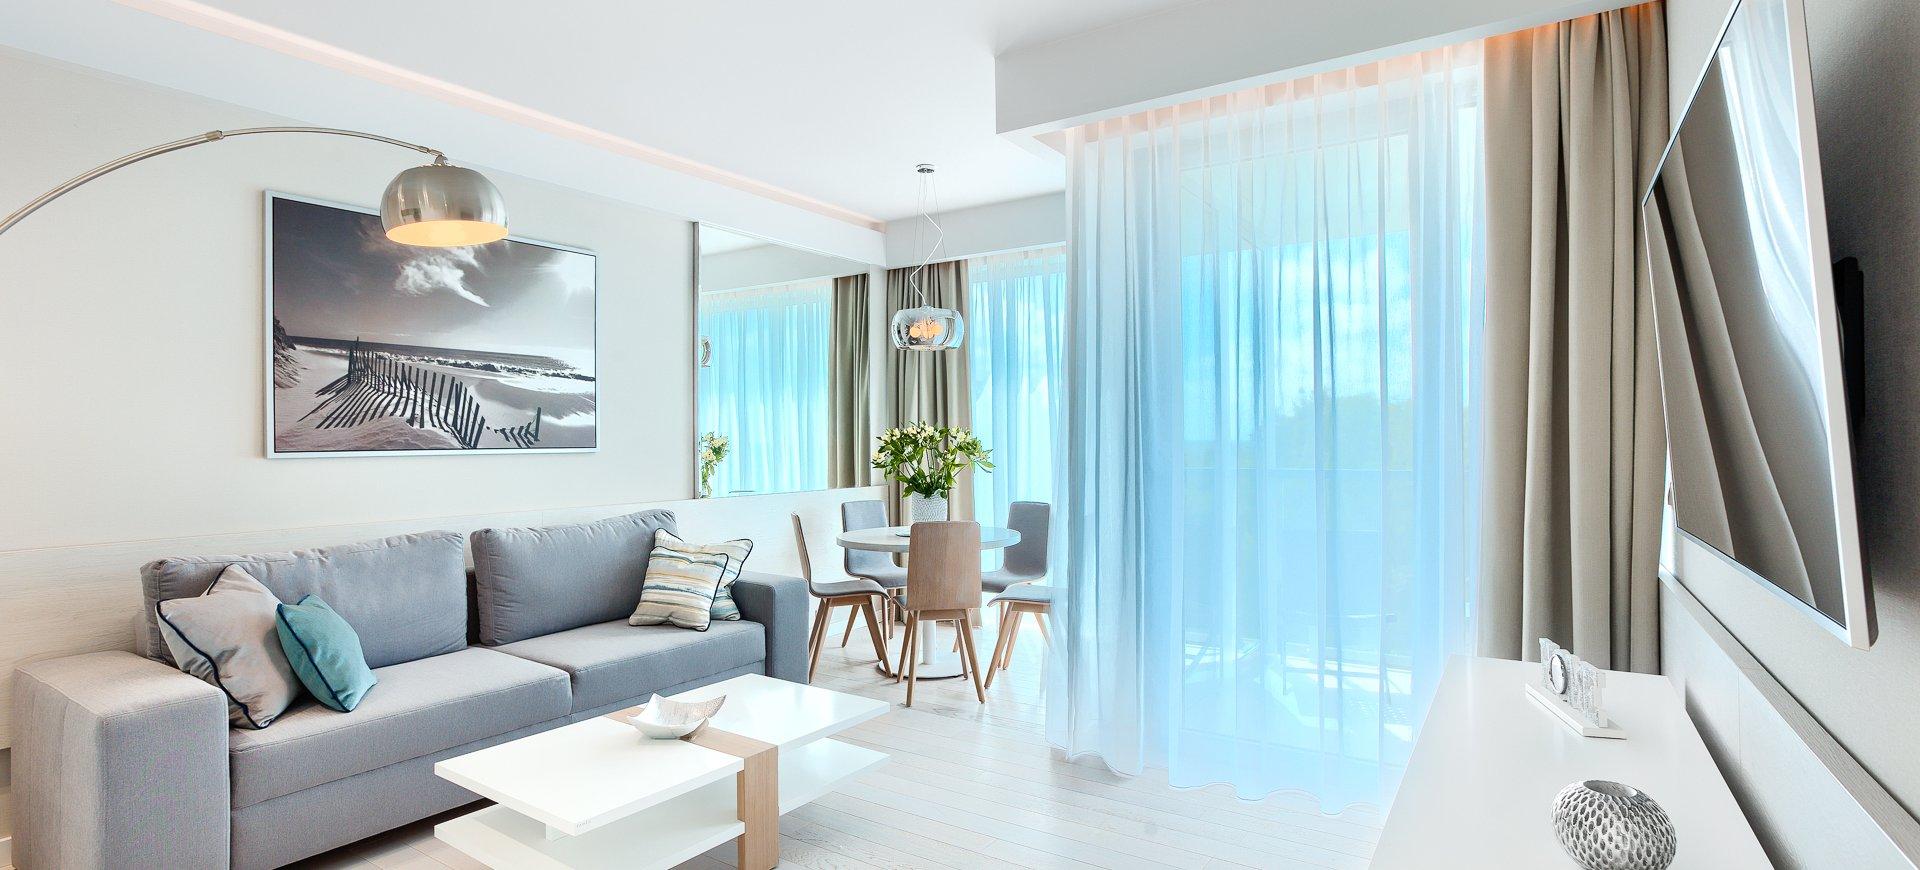 Apartament Deluxe z 1 sypialnią 4.04 B z widokiem na morze